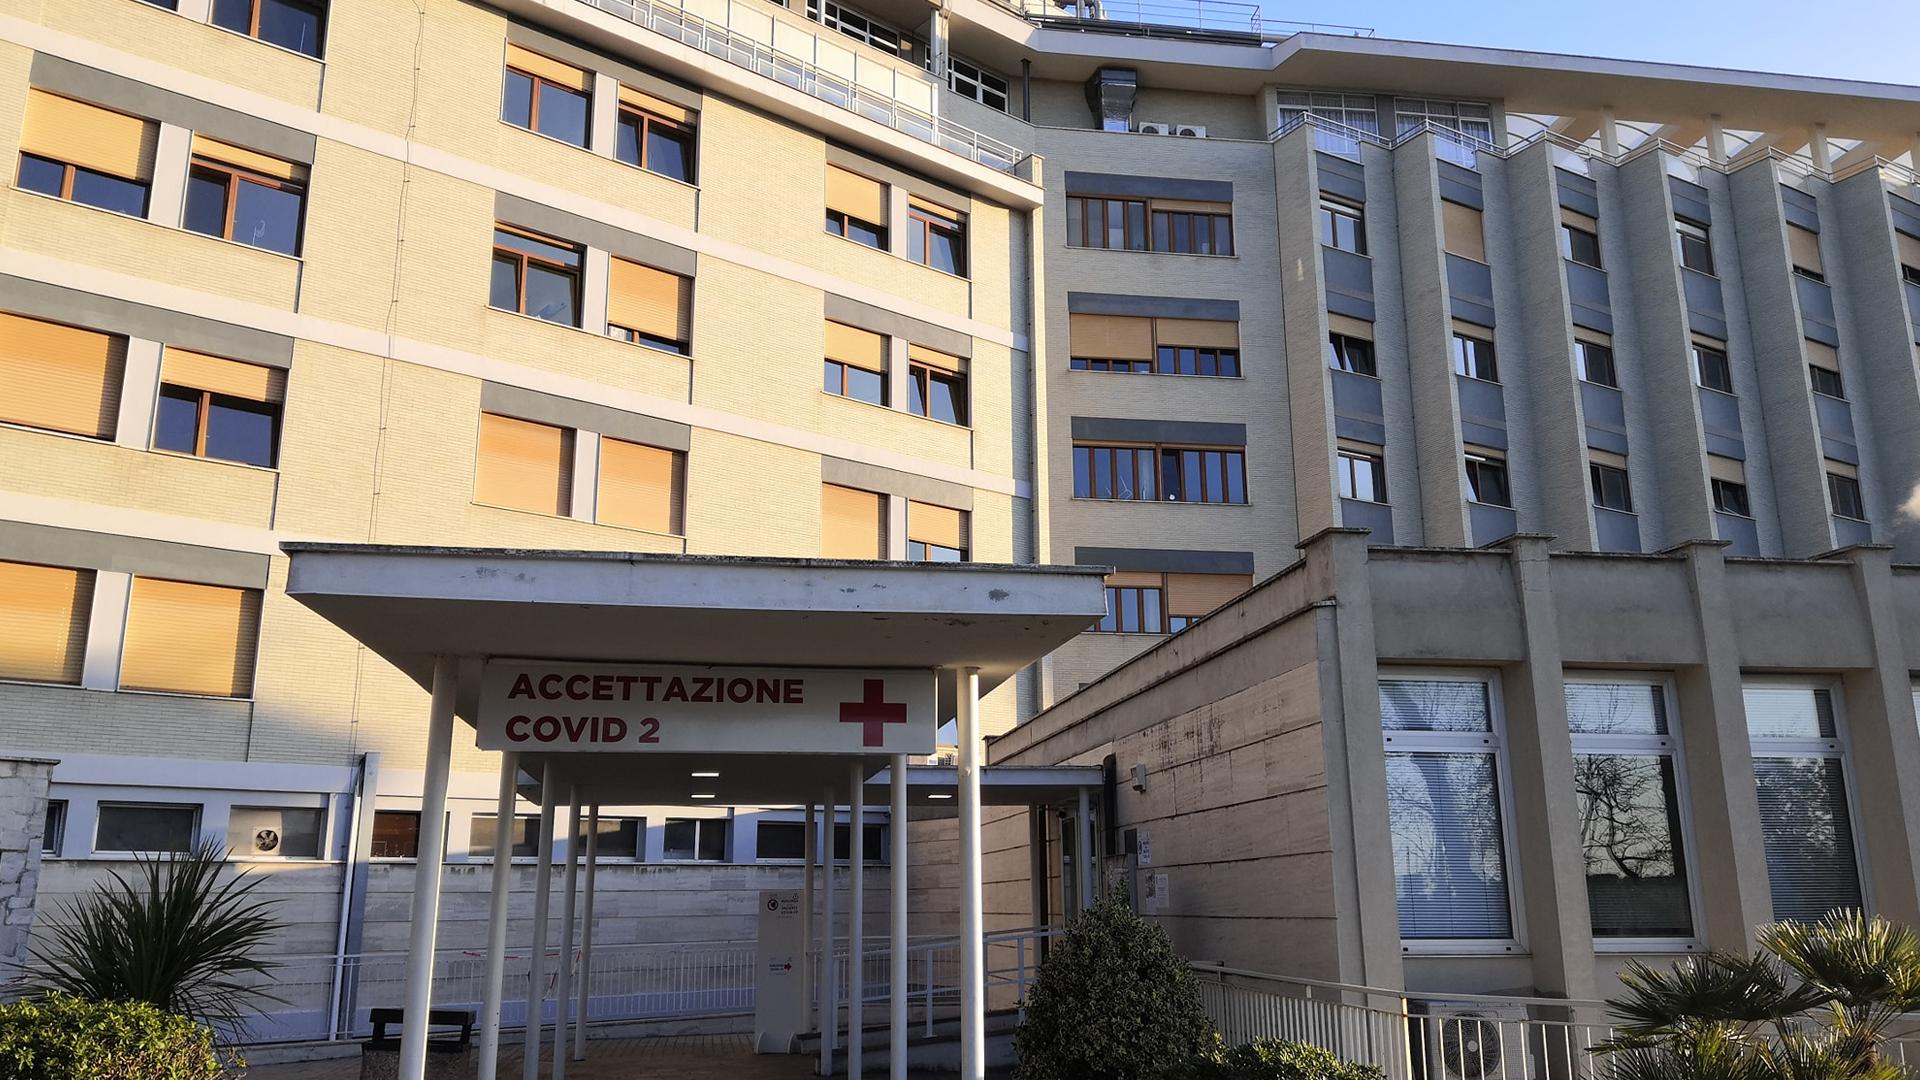 COVID-19, problemi cronici per il 30% dei guariti? Intervista al professor Harari